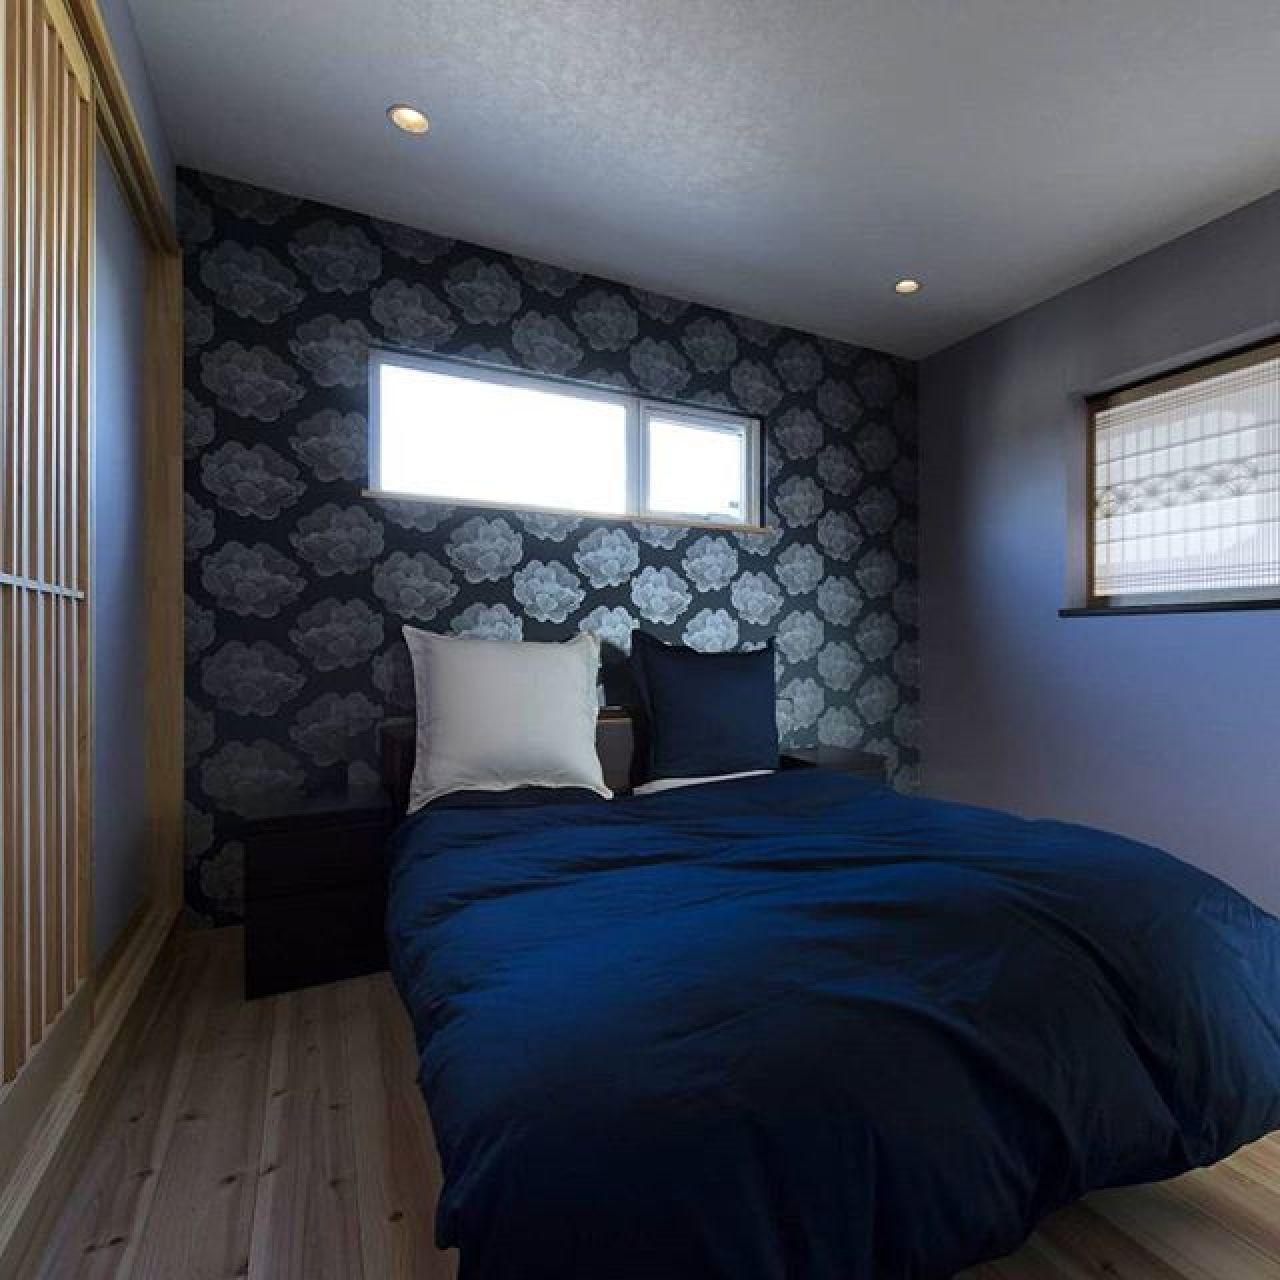 ブルーがラッキーカラーという事で適度にブルーを取り入れました。床材や建具等は杉で統一。斬新であり暖かみのある和モダンな寝室です。#和モダン #寝室 #ブルー #杉板 #手造り #自然素材の家 #注文住宅